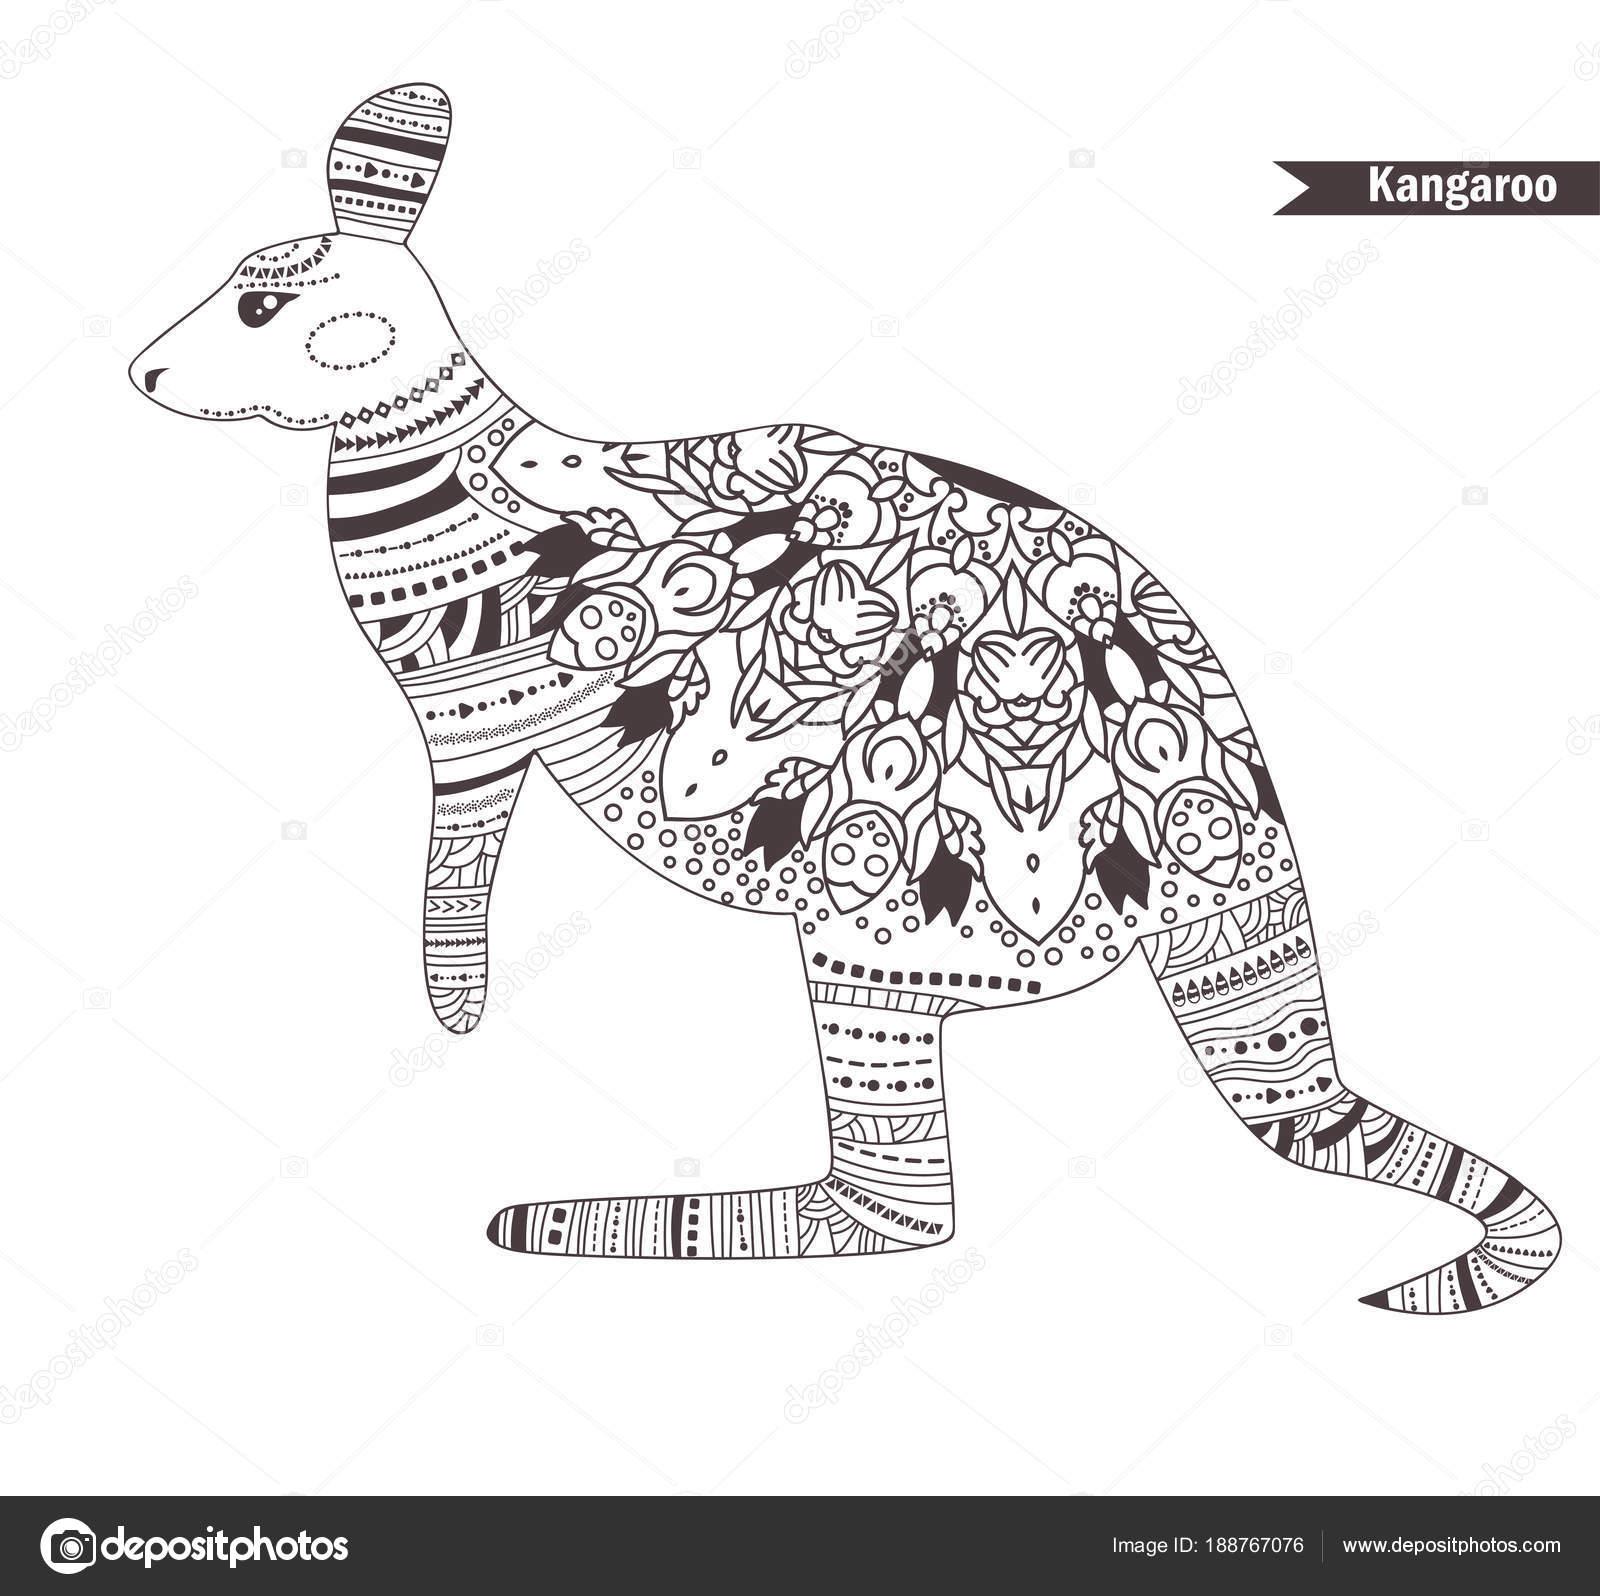 Coloriage Mandala Kangourou.Kangourou Livre De Coloriage Image Vectorielle Annaviolet